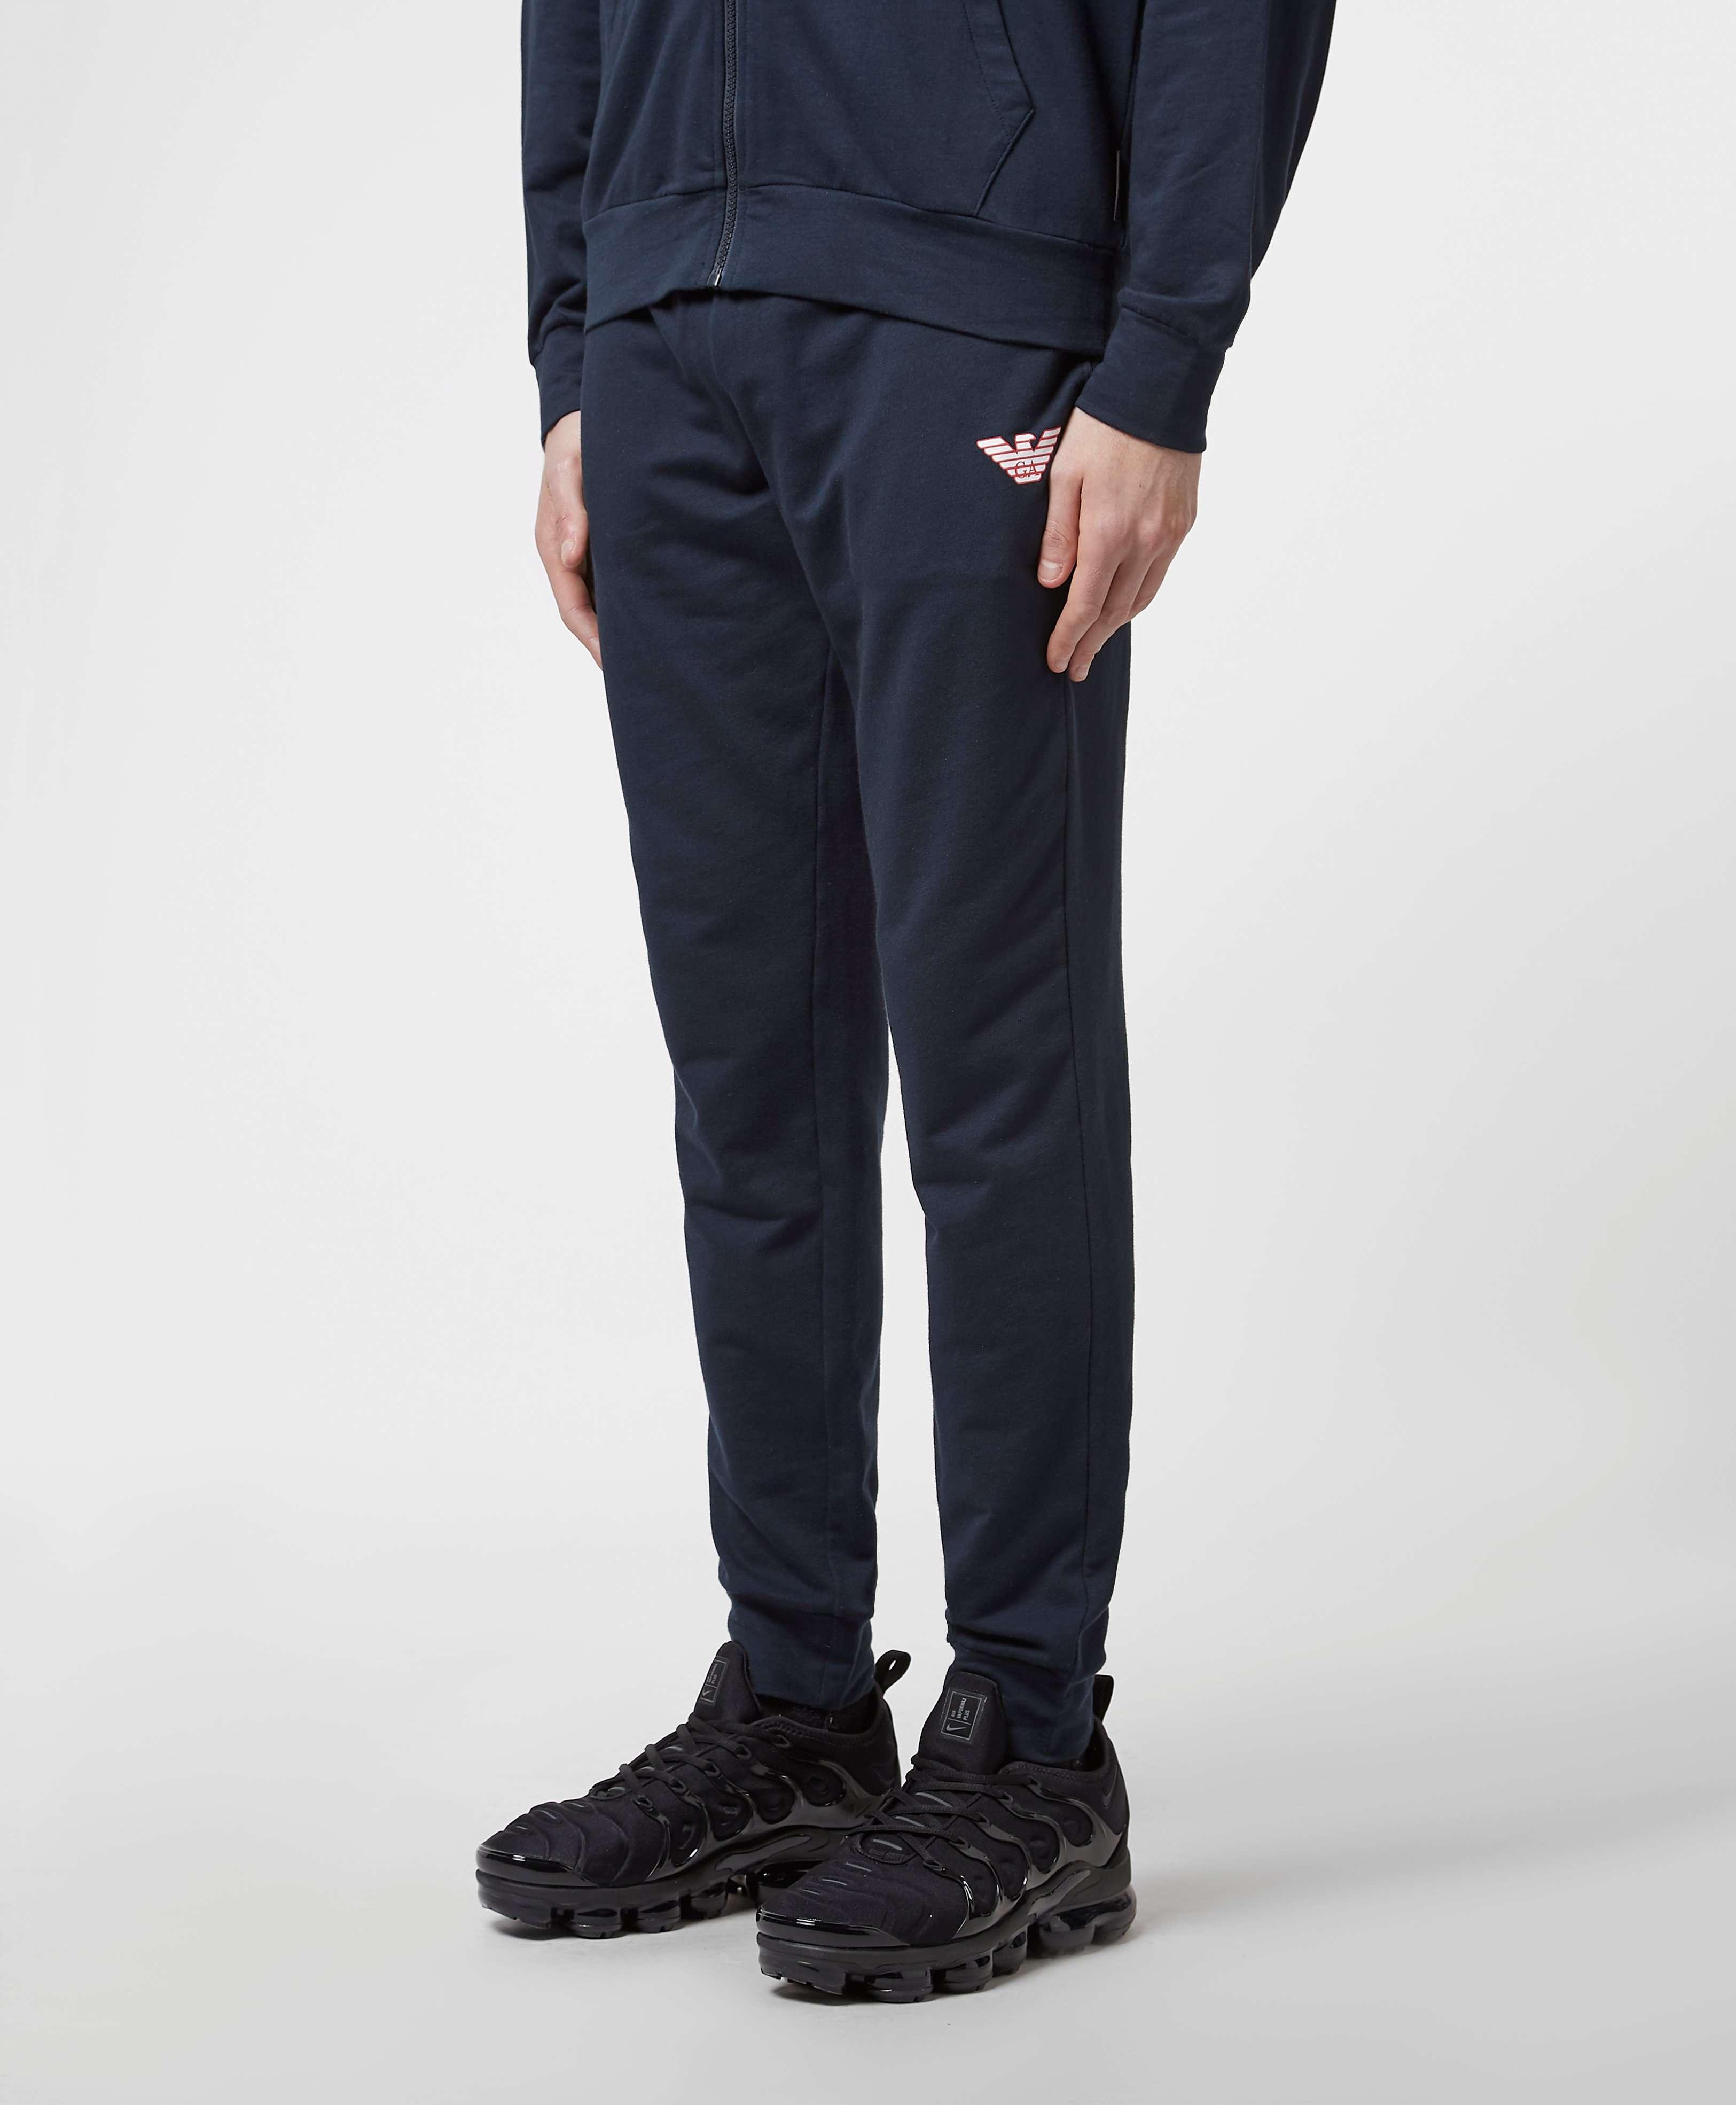 Emporio Armani Bold Eagle Cuffed Fleece Pants